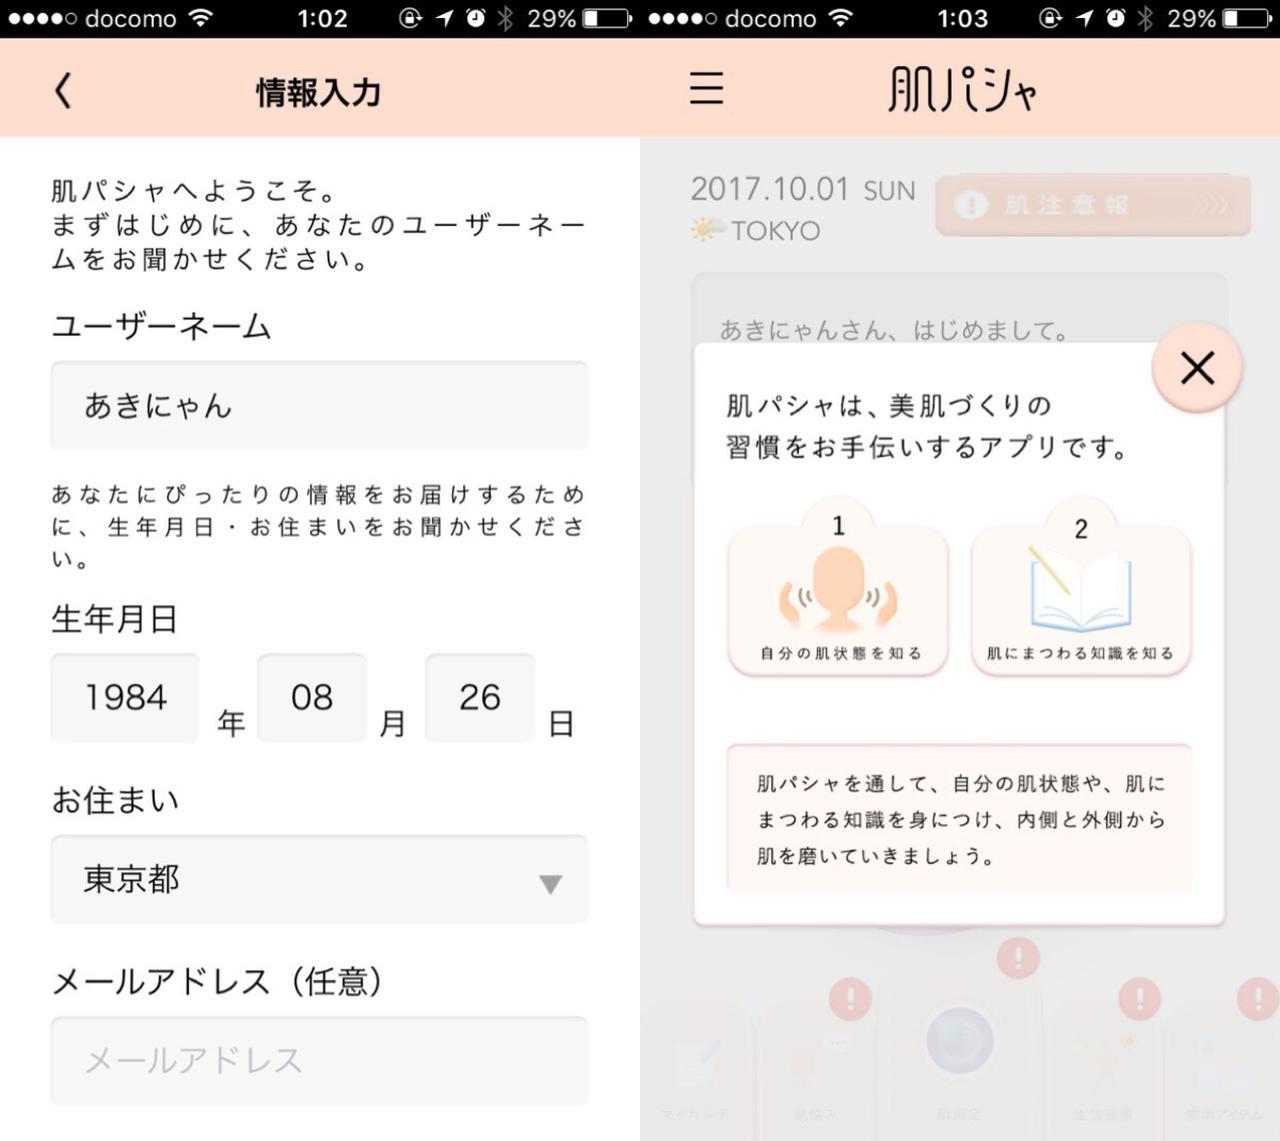 画像: 美肌習慣をお手伝い!まずはユーザー登録を。